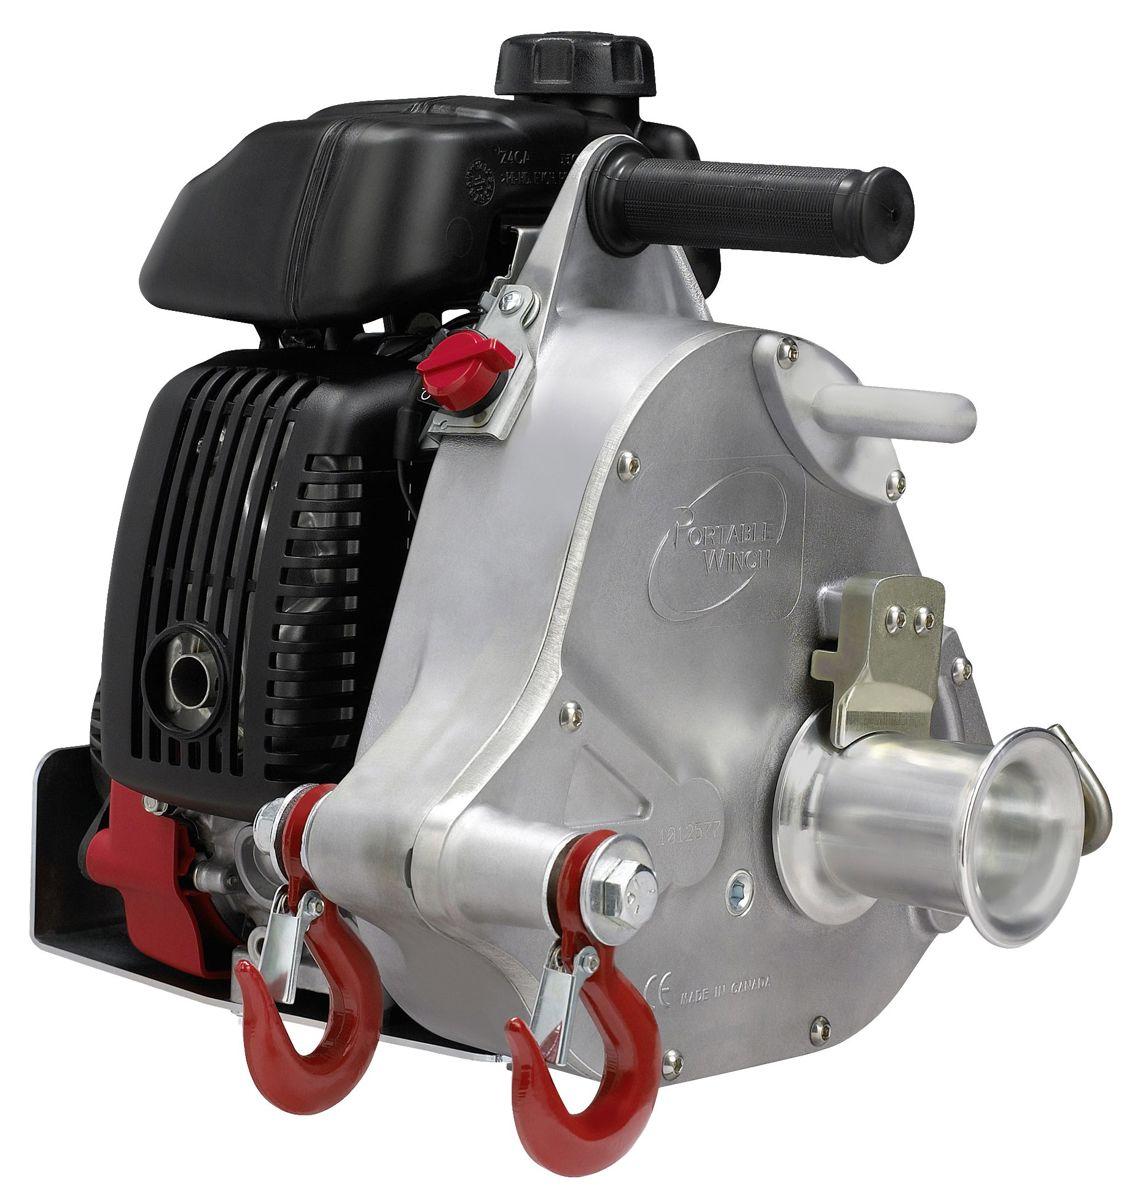 Portable winch benzine lier pcw5000